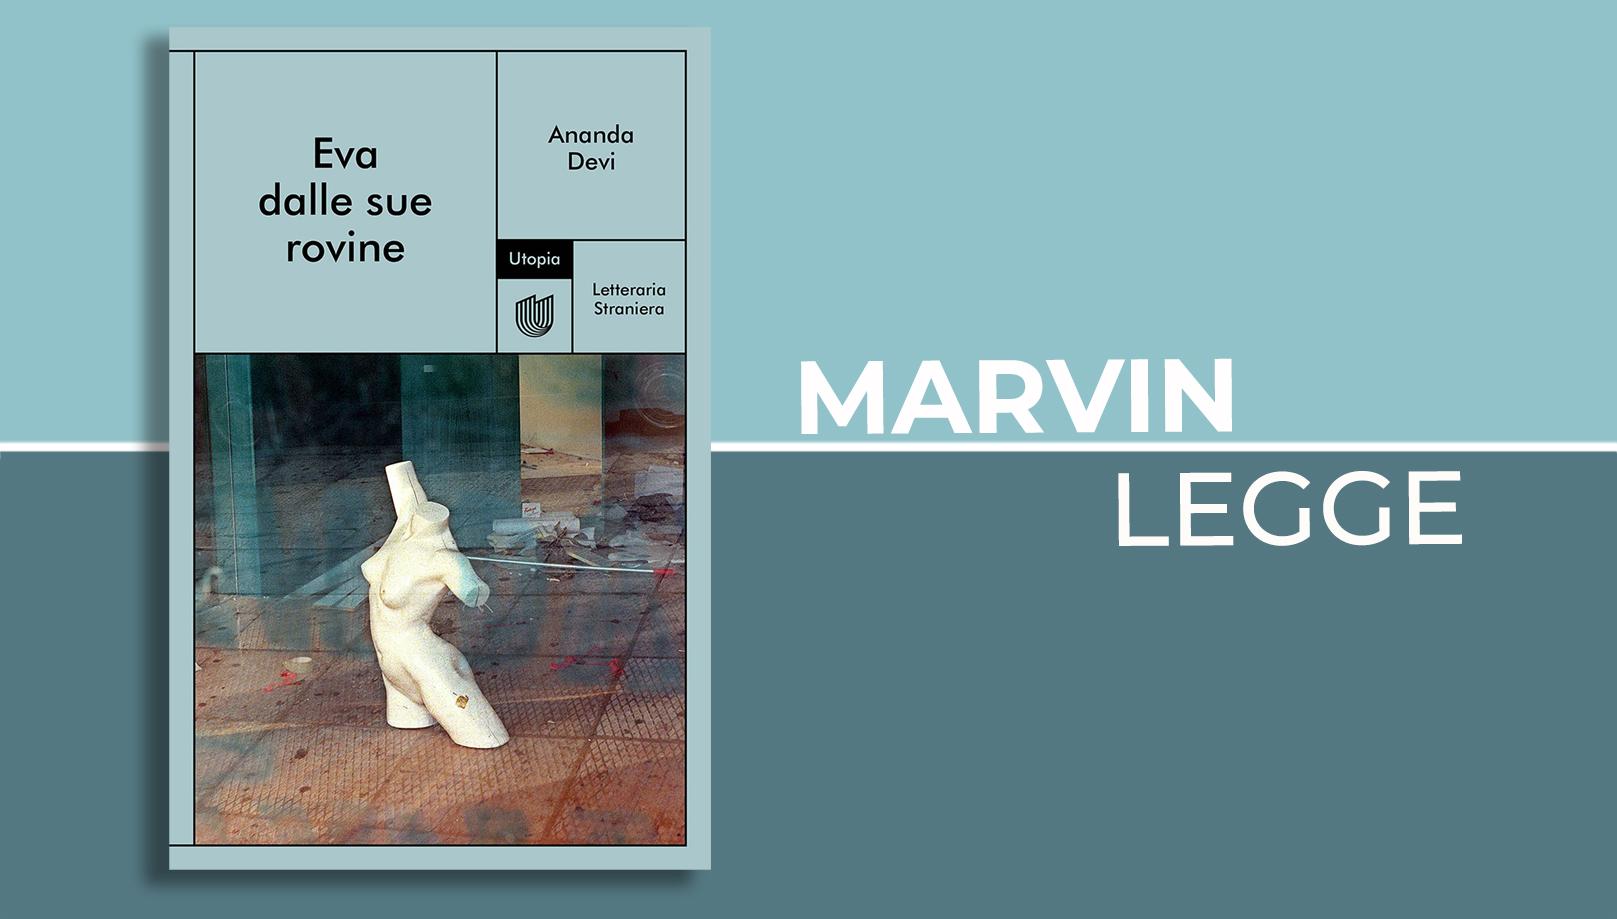 Eva e le sue rovine Marvin